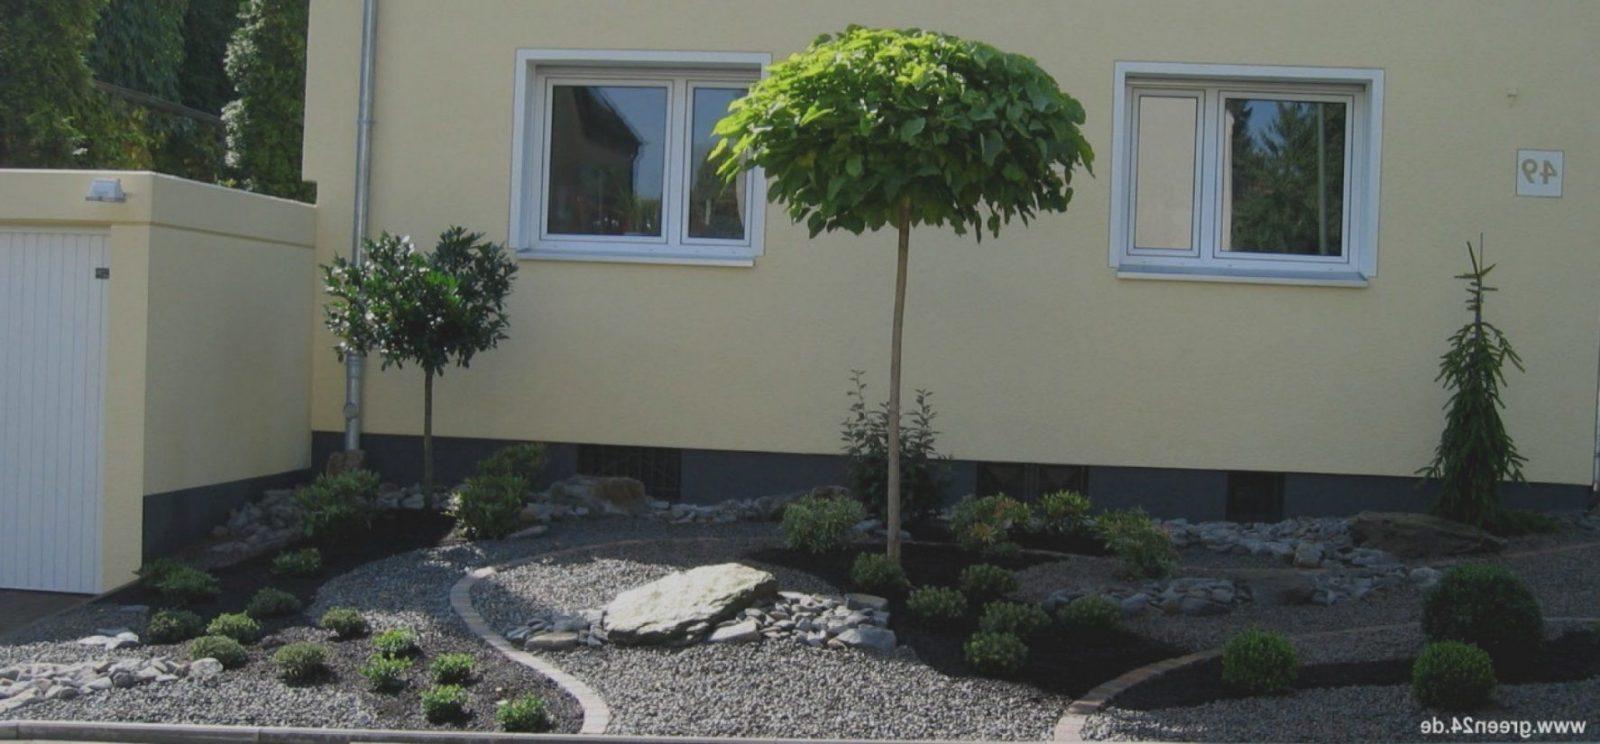 Perfekt Bilder Reihenhaus Heim Verbesserungen Verlockend Vorgarten Gestalten Von Vorgarten  Gestalten Reihenhaus Ideen Photo